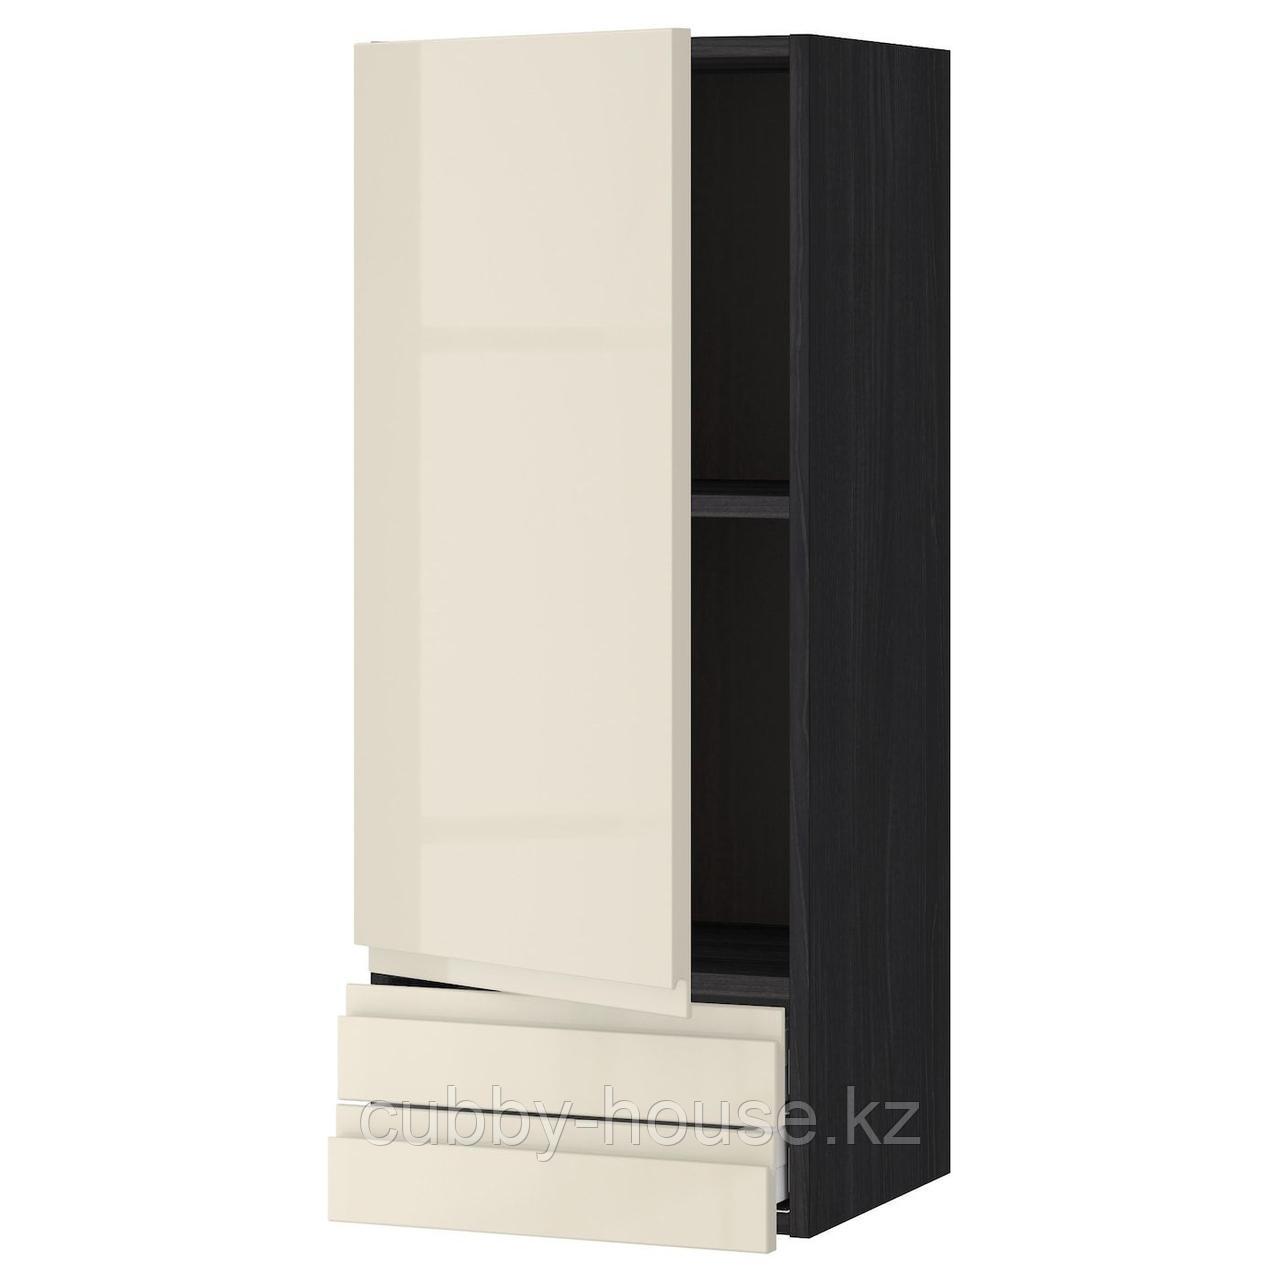 МЕТОД / МАКСИМЕРА Навесной шкаф с дверцей/2 ящика, белый, Воксторп глянцевый светло-бежевый, 40x100 см